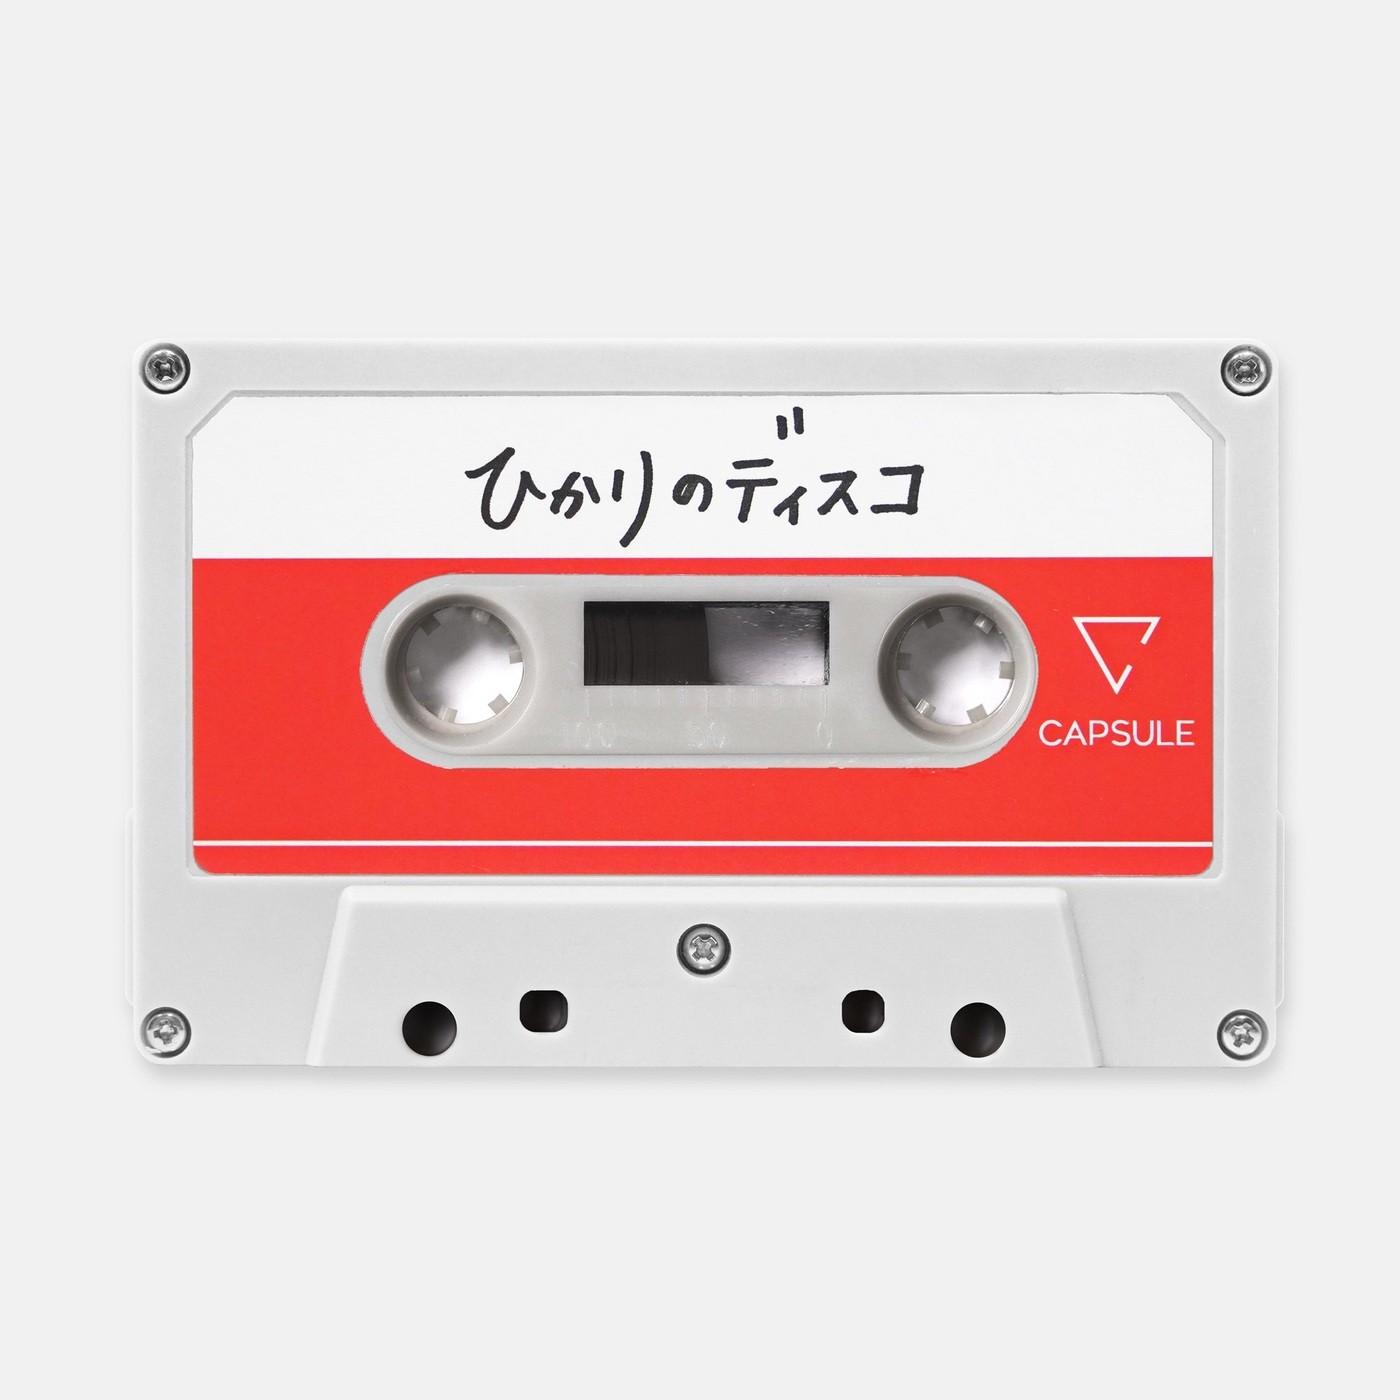 capsule - Hikari no Disco